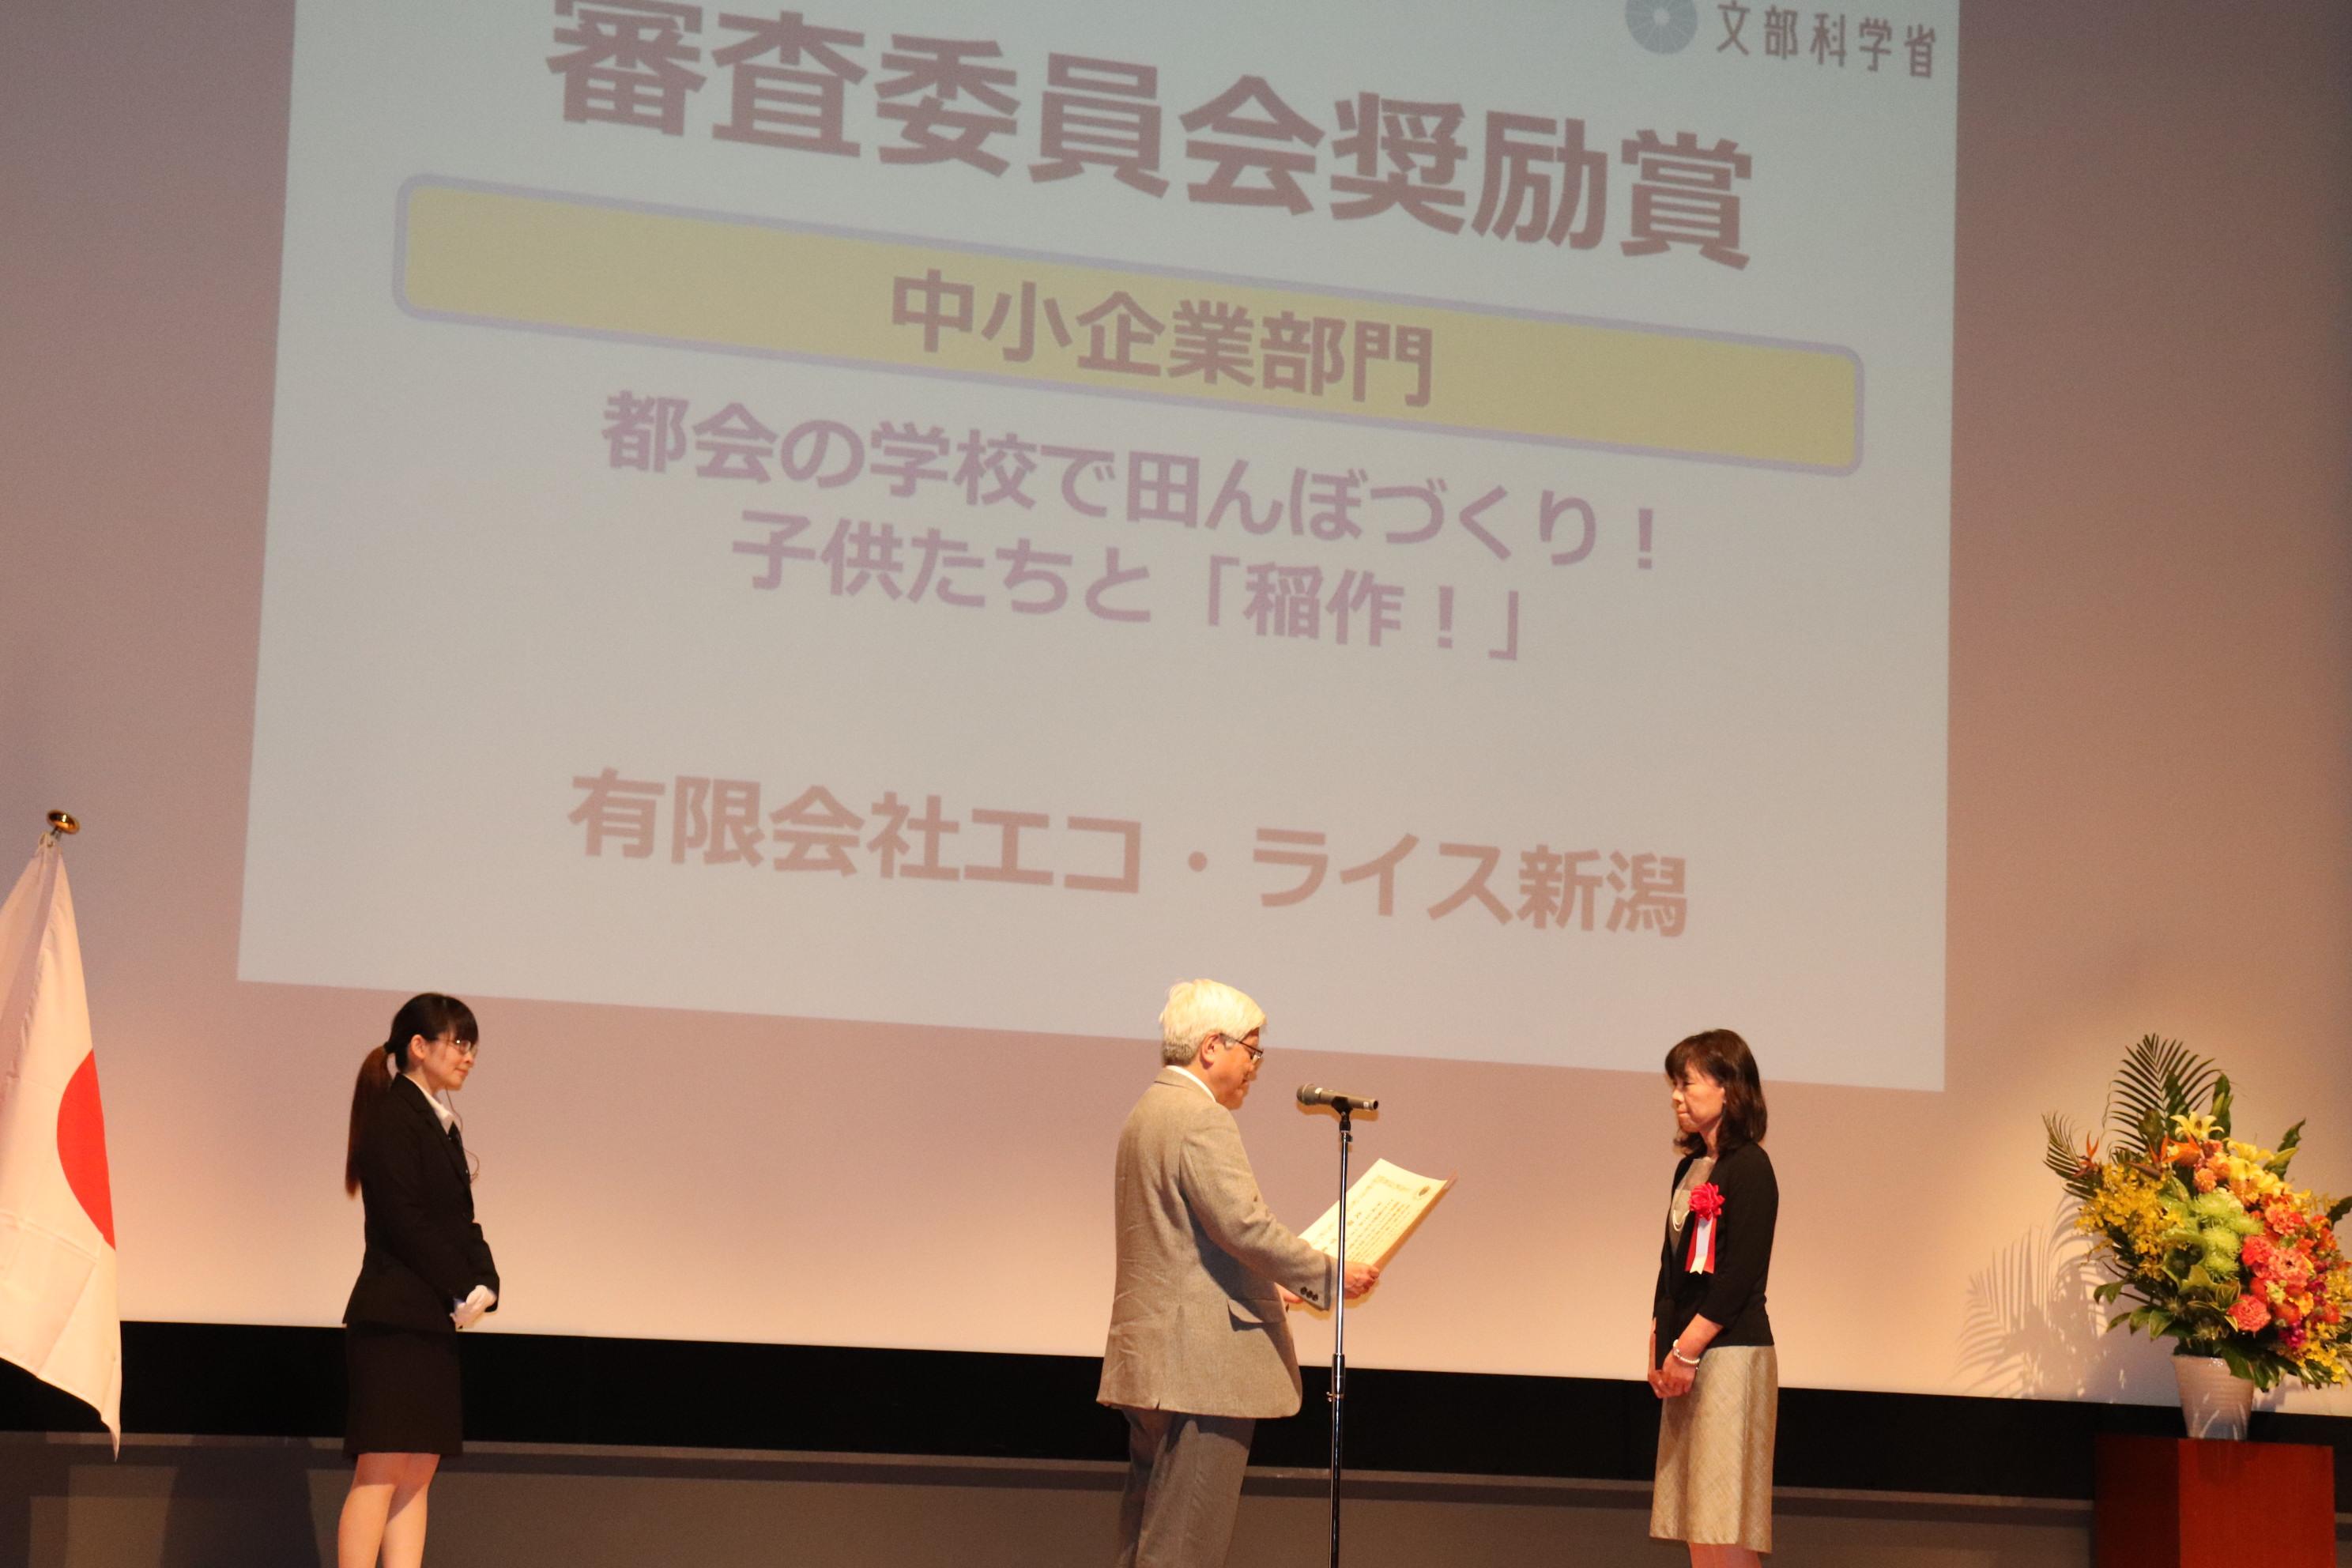 ≪文部科学省/青少年の体験活動推進企業 表彰式≫